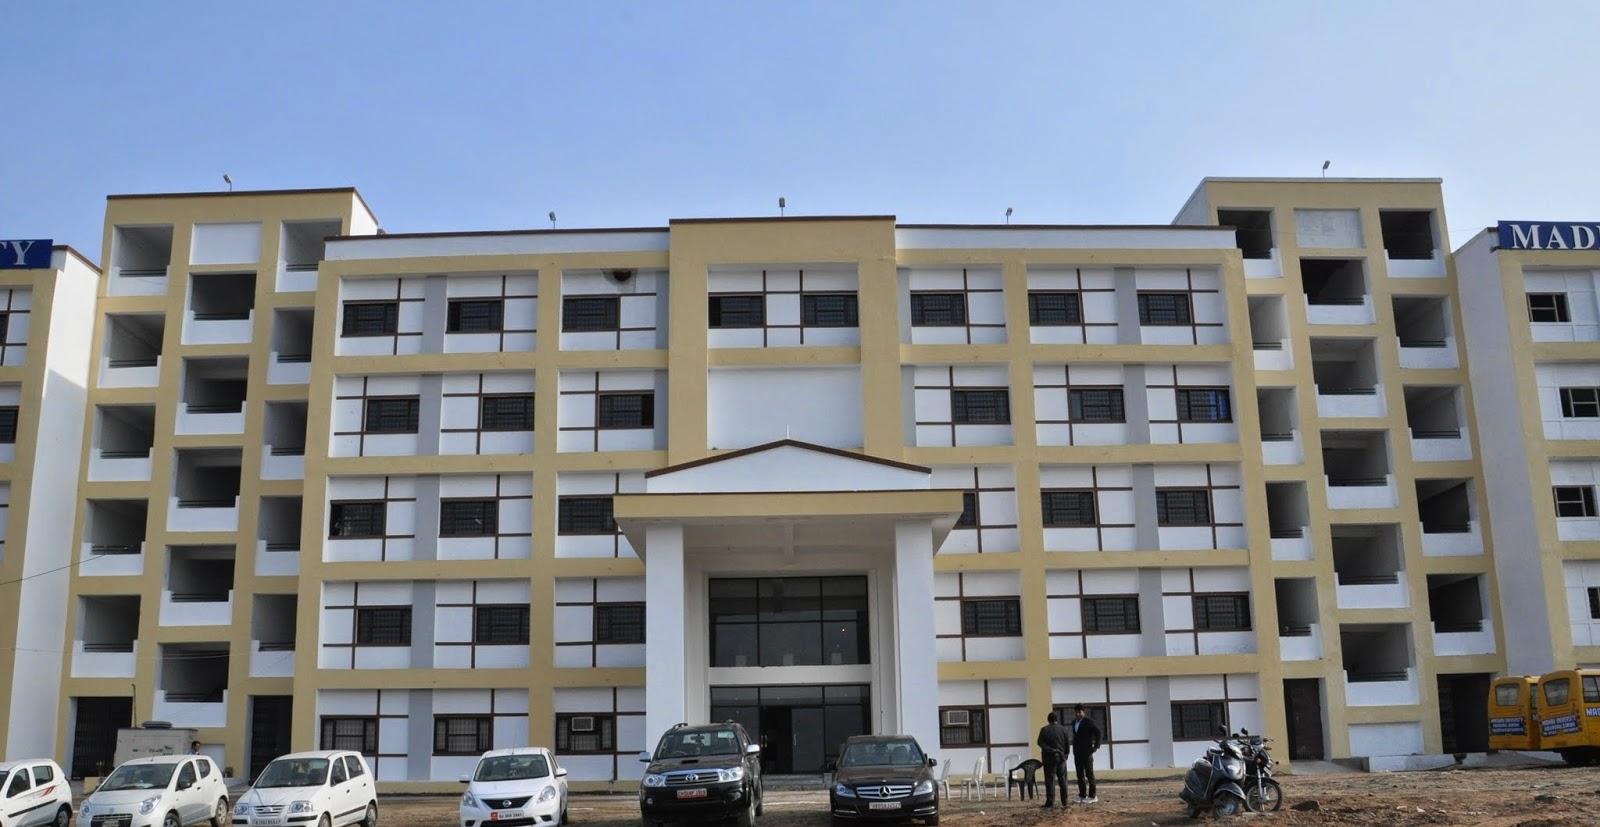 Madhav University